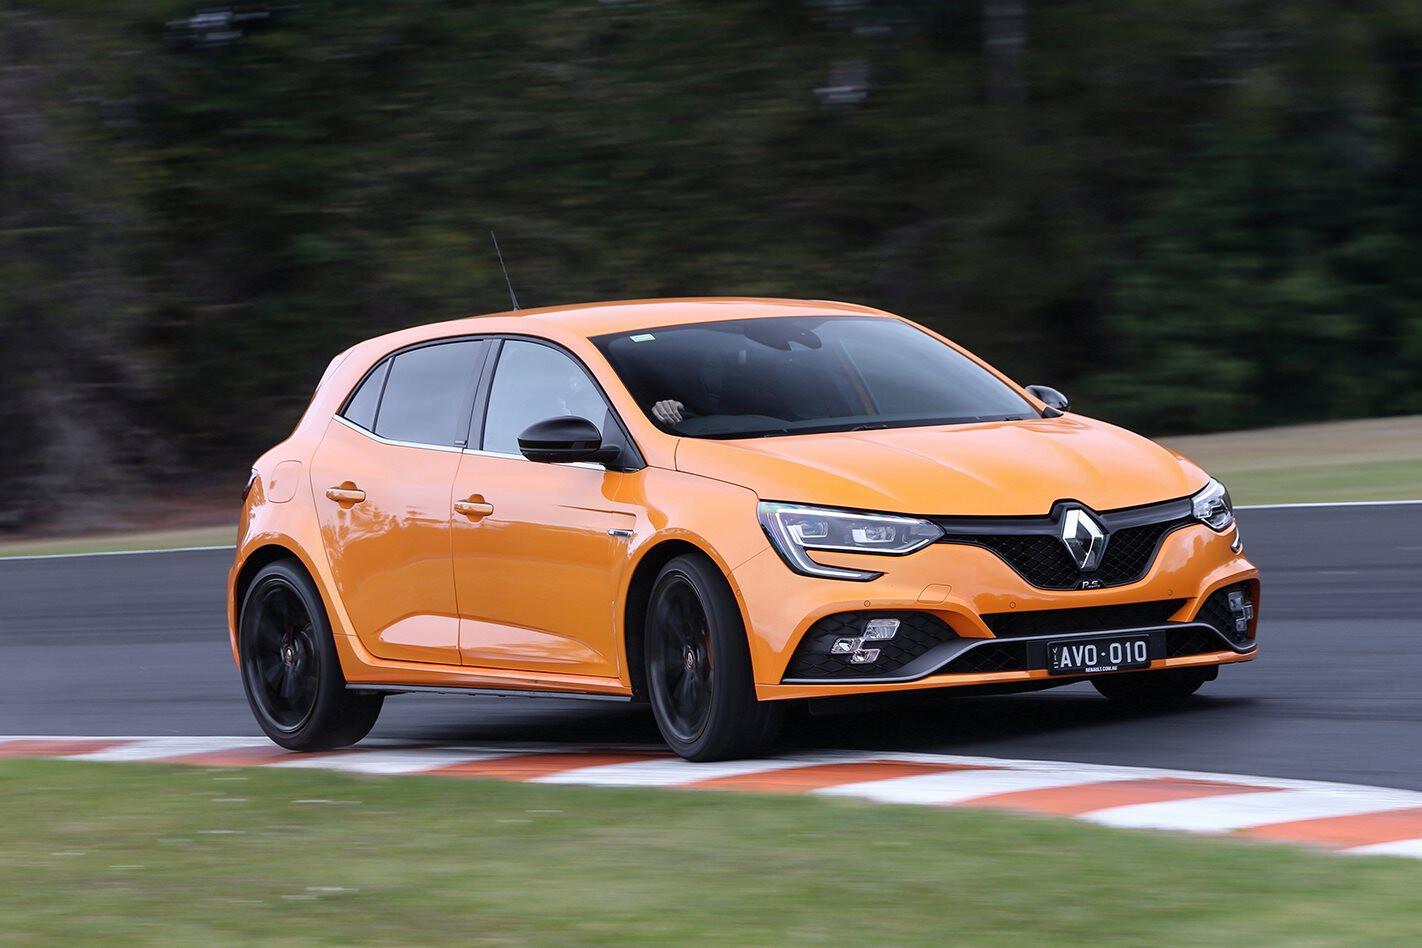 Renault Megane RS cornering on track